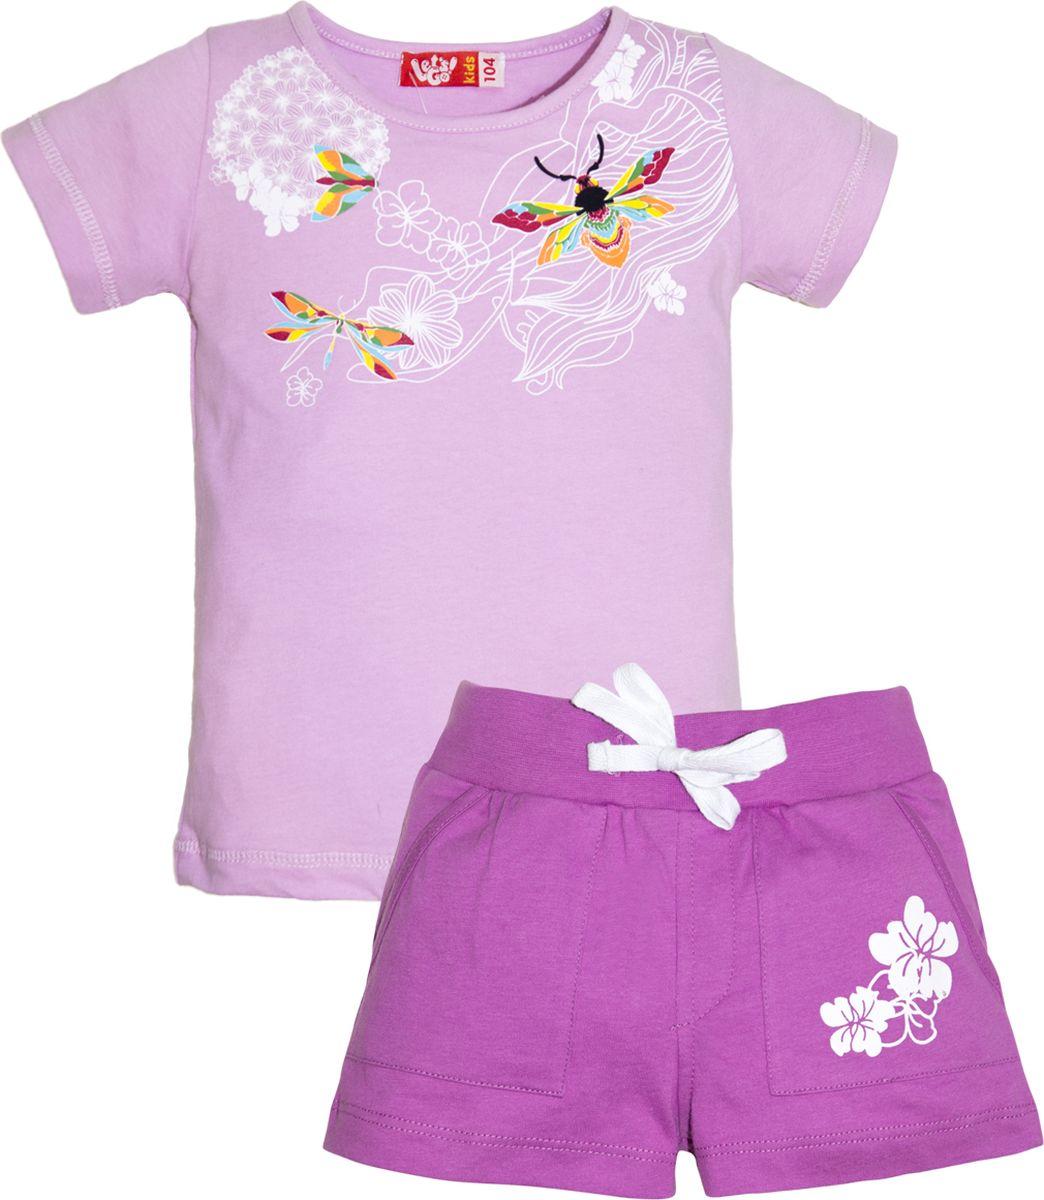 Комплект одежды для девочки Let's Go: футболка, шорты, цвет: лиловый, сиреневый. 4133. Размер 92 комплект одежды для девочки let s go футболка бриджи цвет лиловый фиолетовый 4132 размер 74